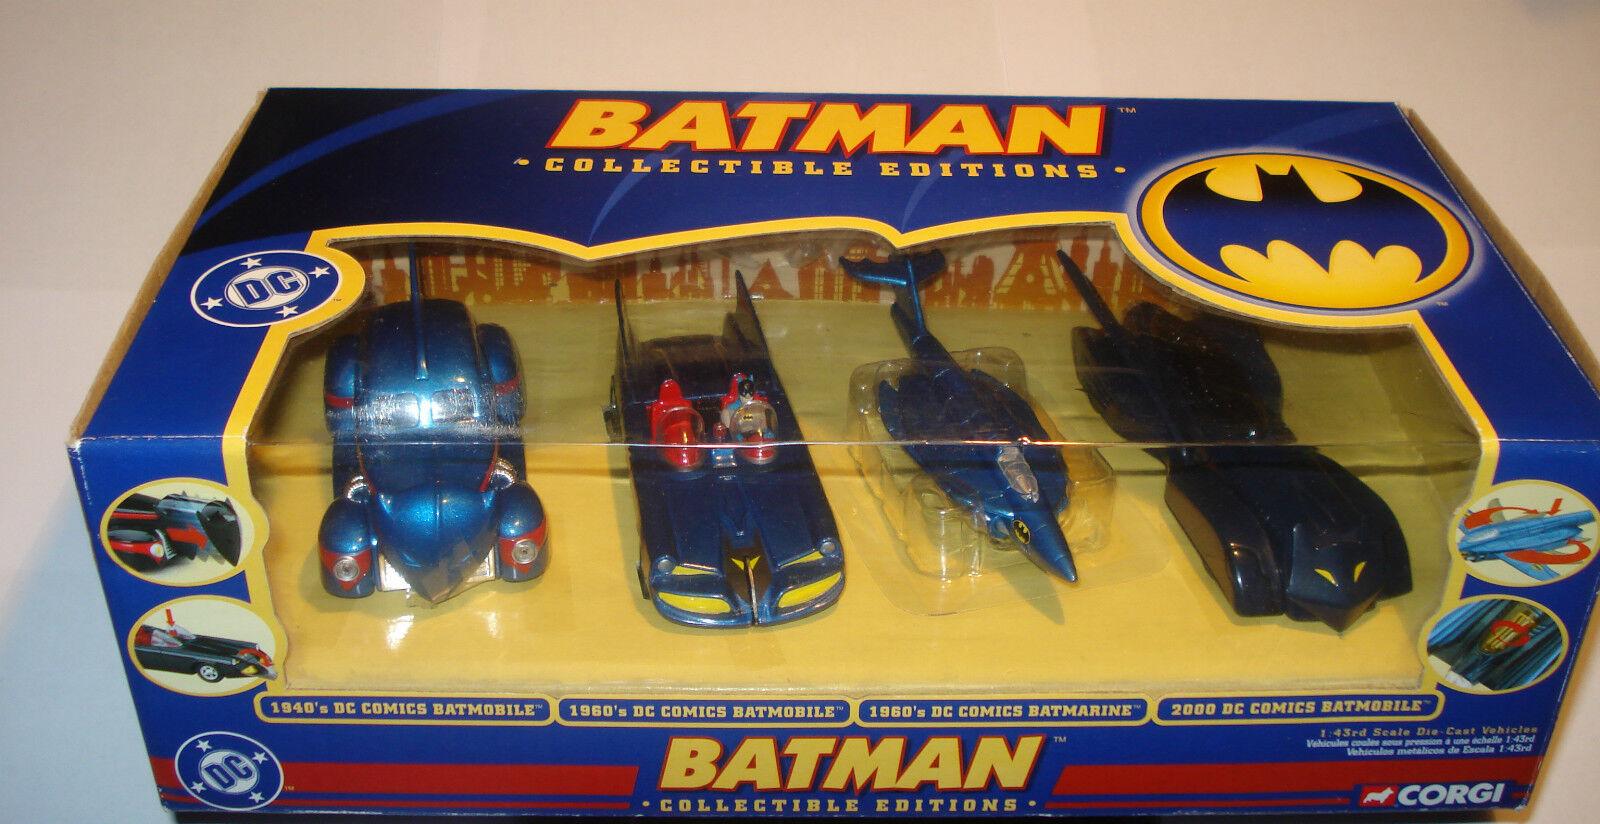 marca de lujo CORGI BATMOBILE BATMOBILE BATMOBILE 1 43 comics azul COLLECTABLE EDITION batman Acción Figura no1 18  mas preferencial